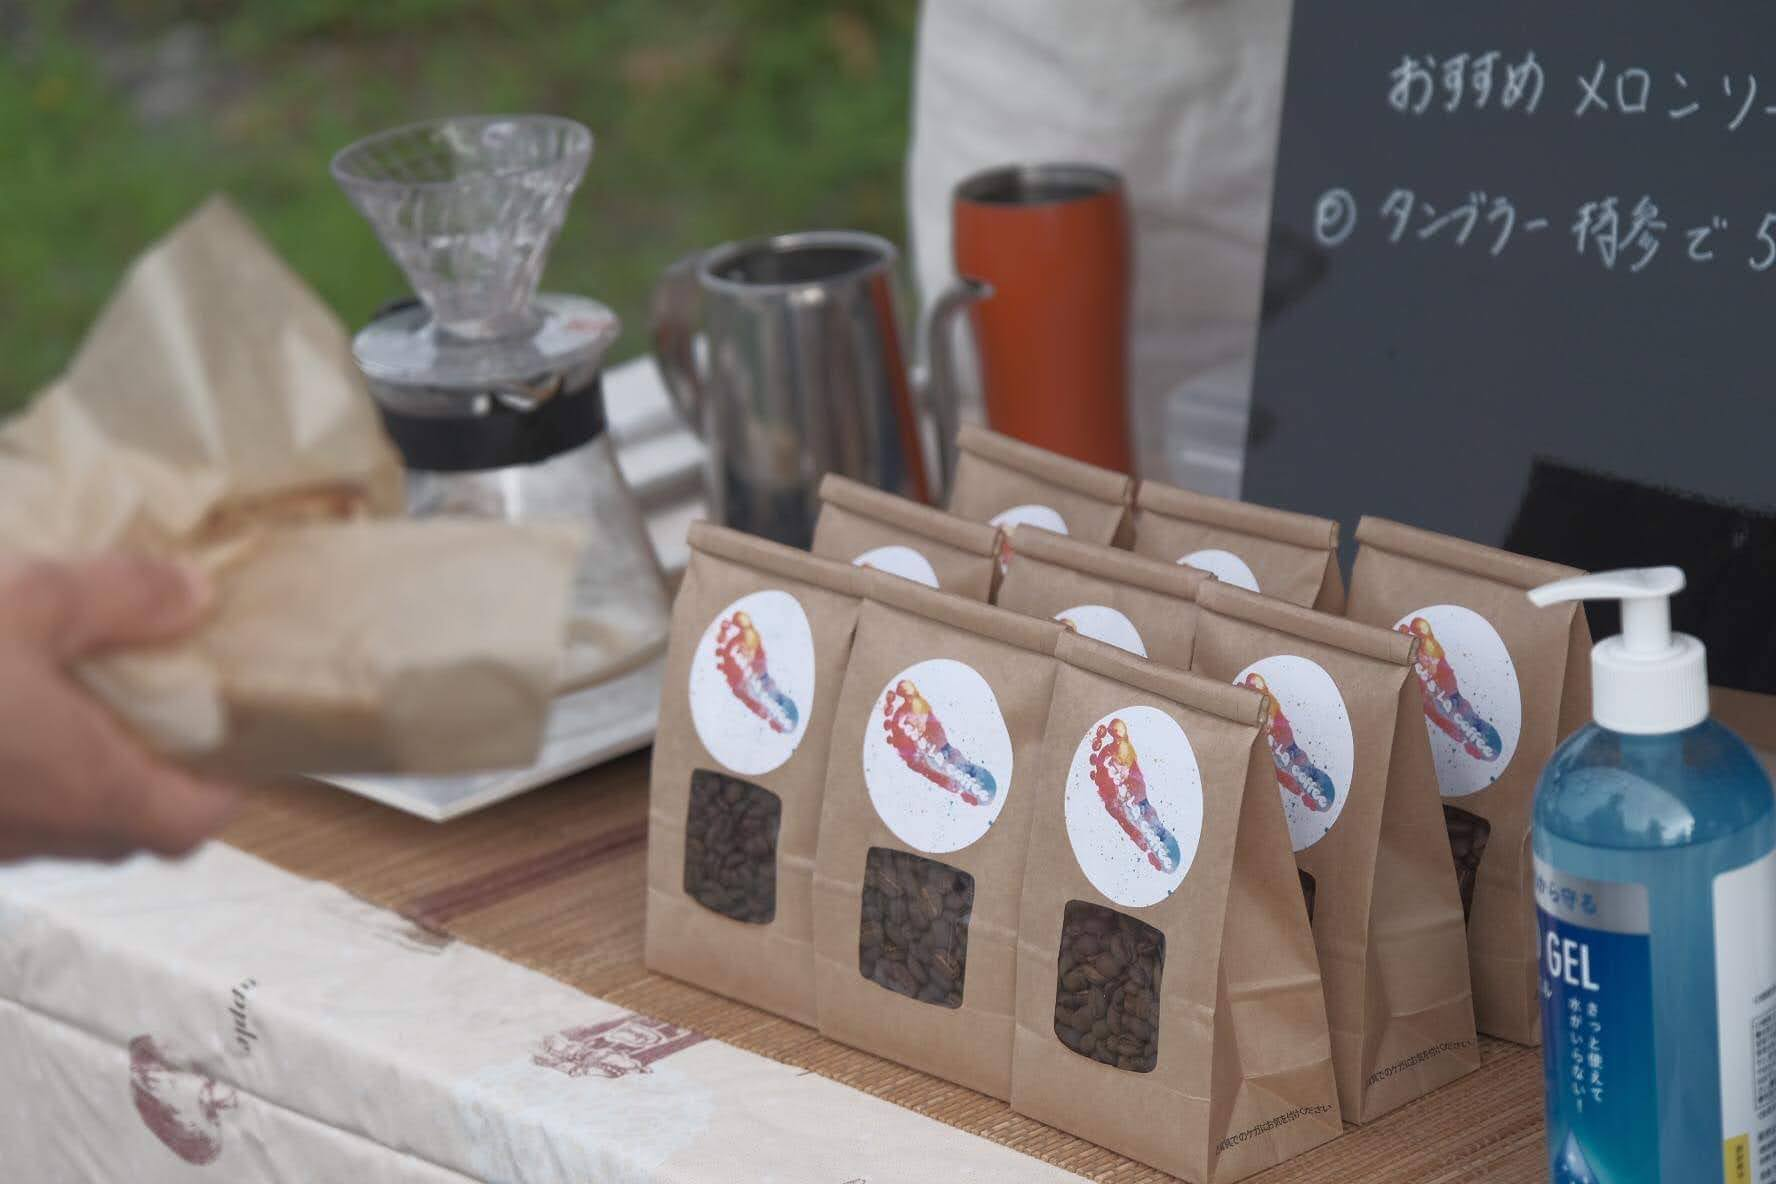 THE RELAY 6月 マンスリーロースター【Let's la Coffee/北海道 音威子府】コーヒーのない地域にこそコーヒーのあたたかさを。